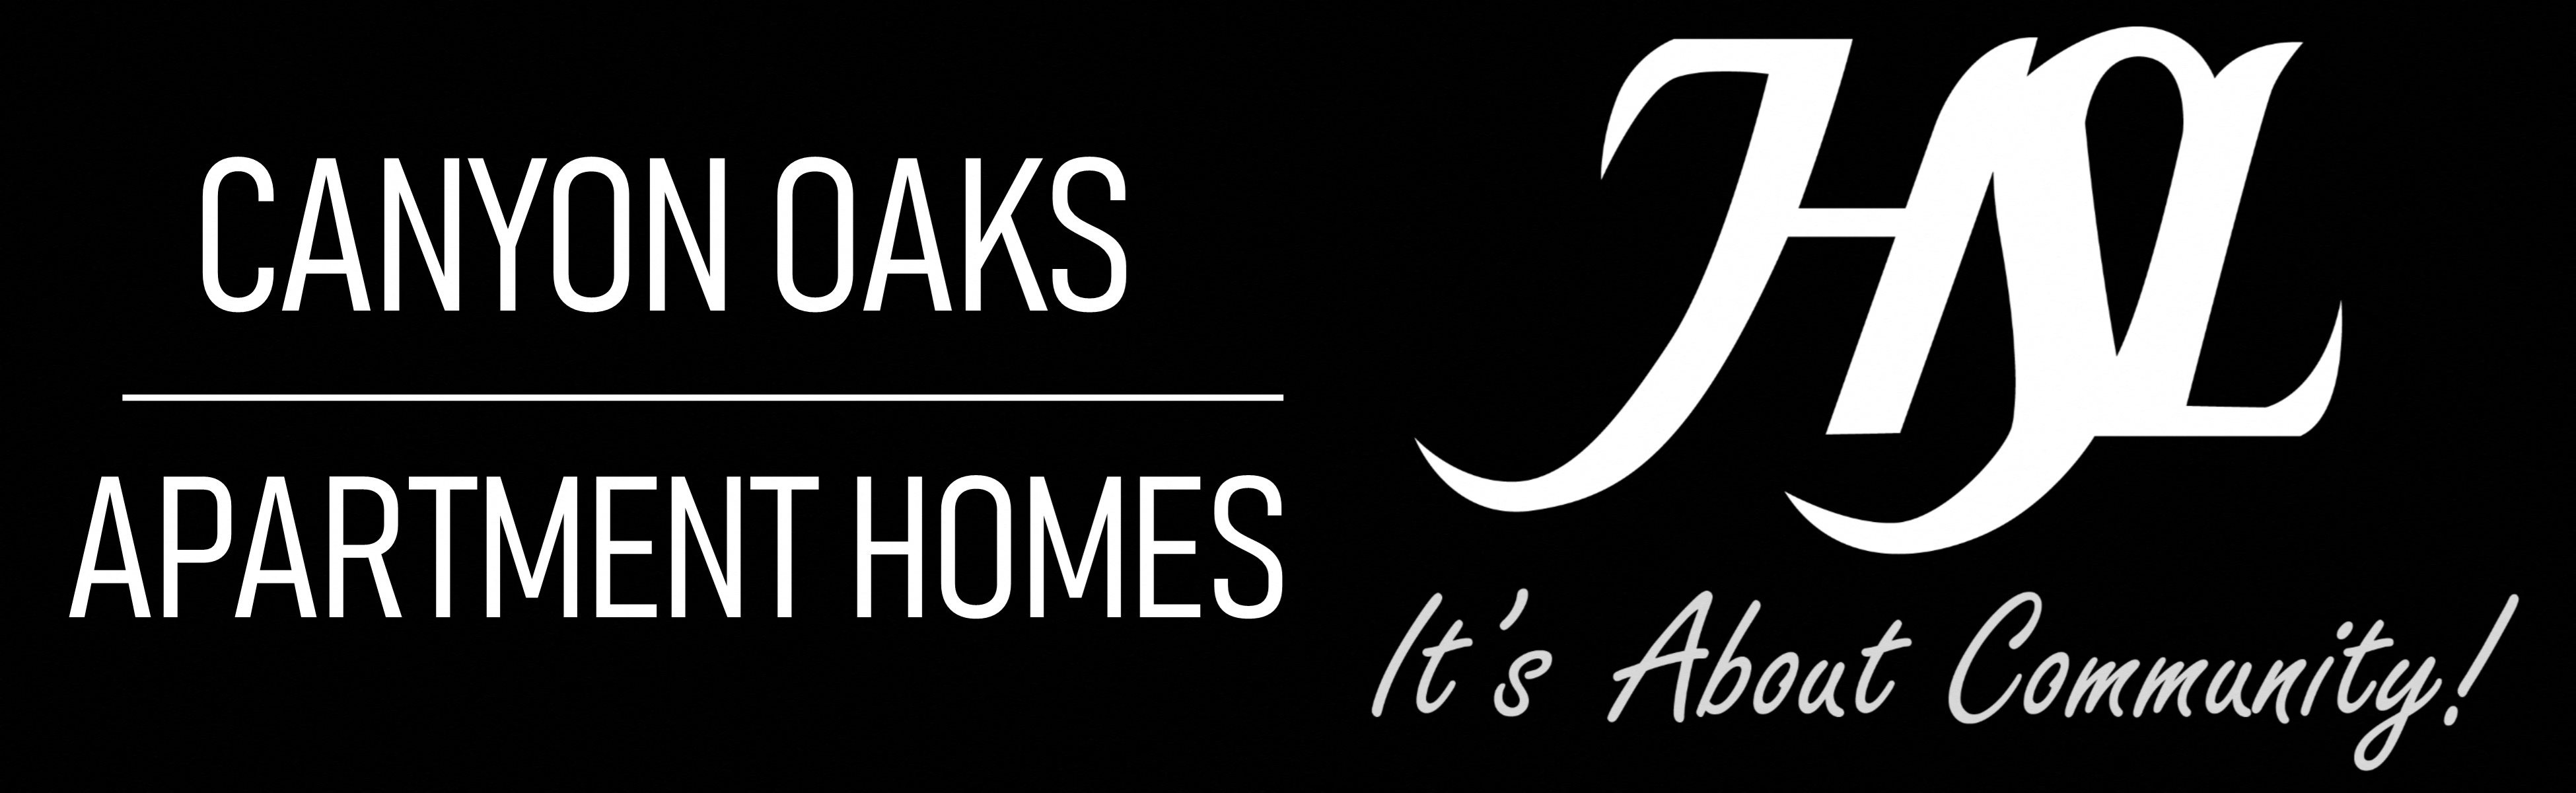 Canyon Oaks Apartment Homes Logo